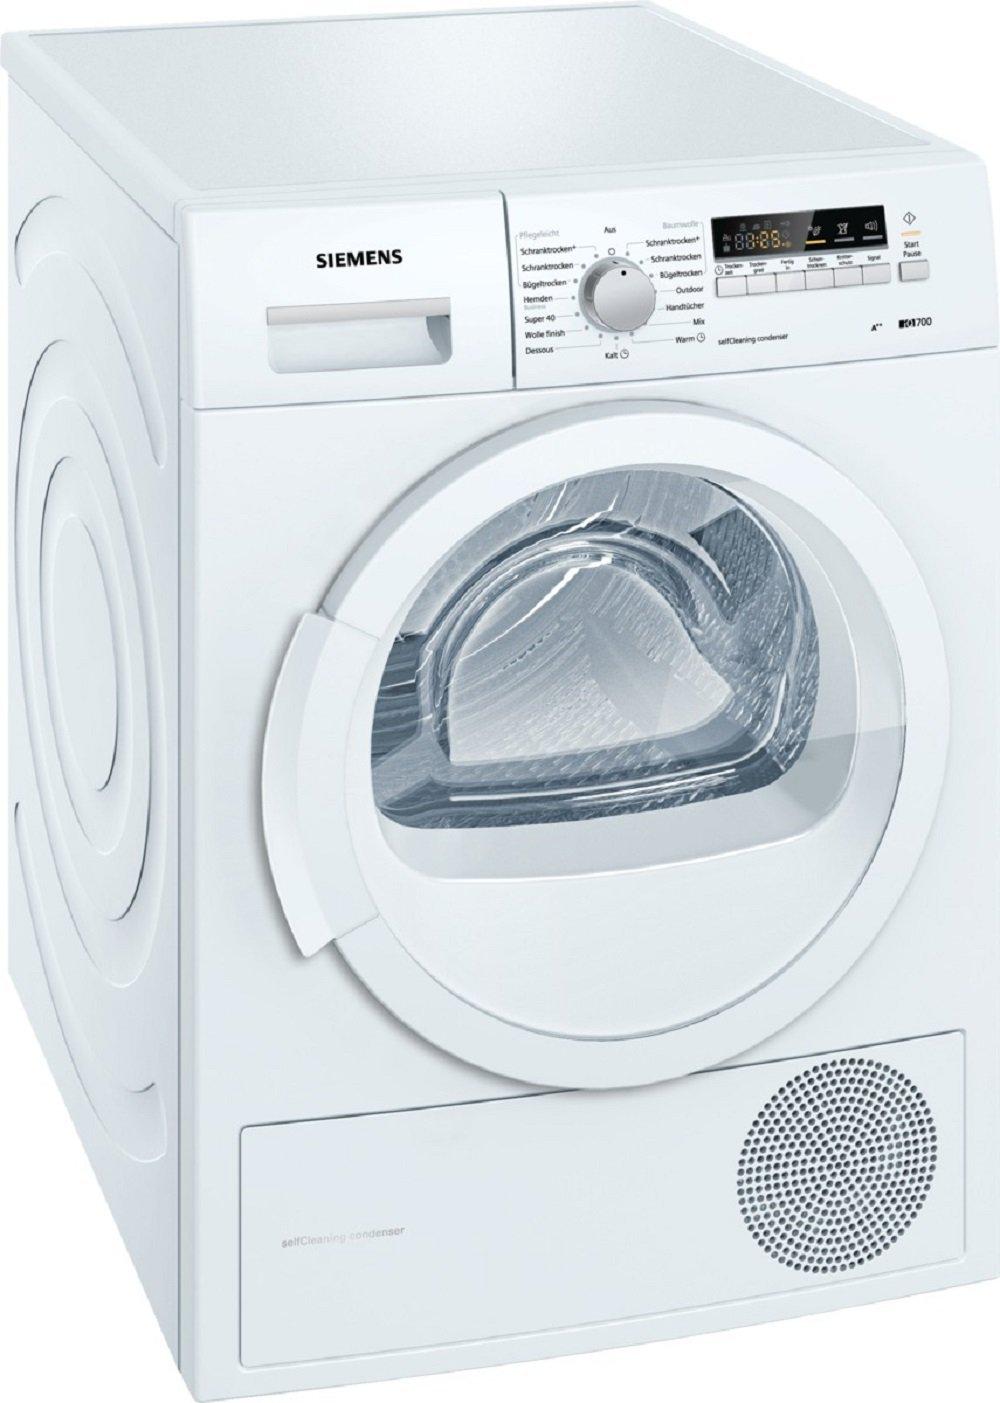 Siemens iQ700 WT46W261 Waschmaschine